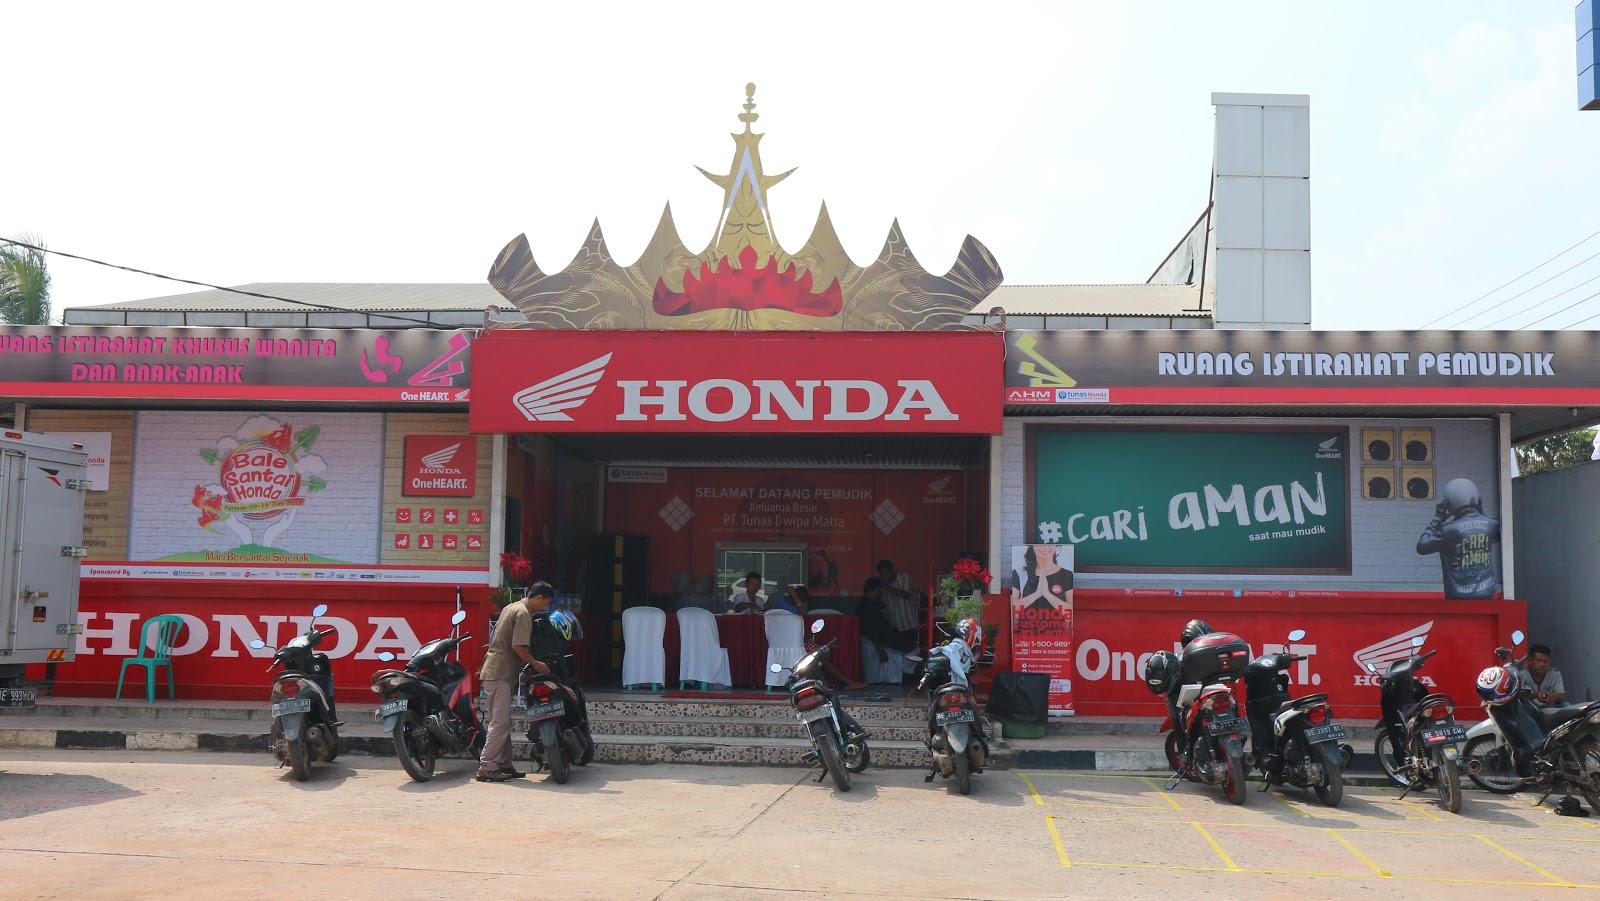 Bale Santai Honda Yang Ada Di Lampung Manjakan Pemudik Di Gerbang Pulau Sumatera